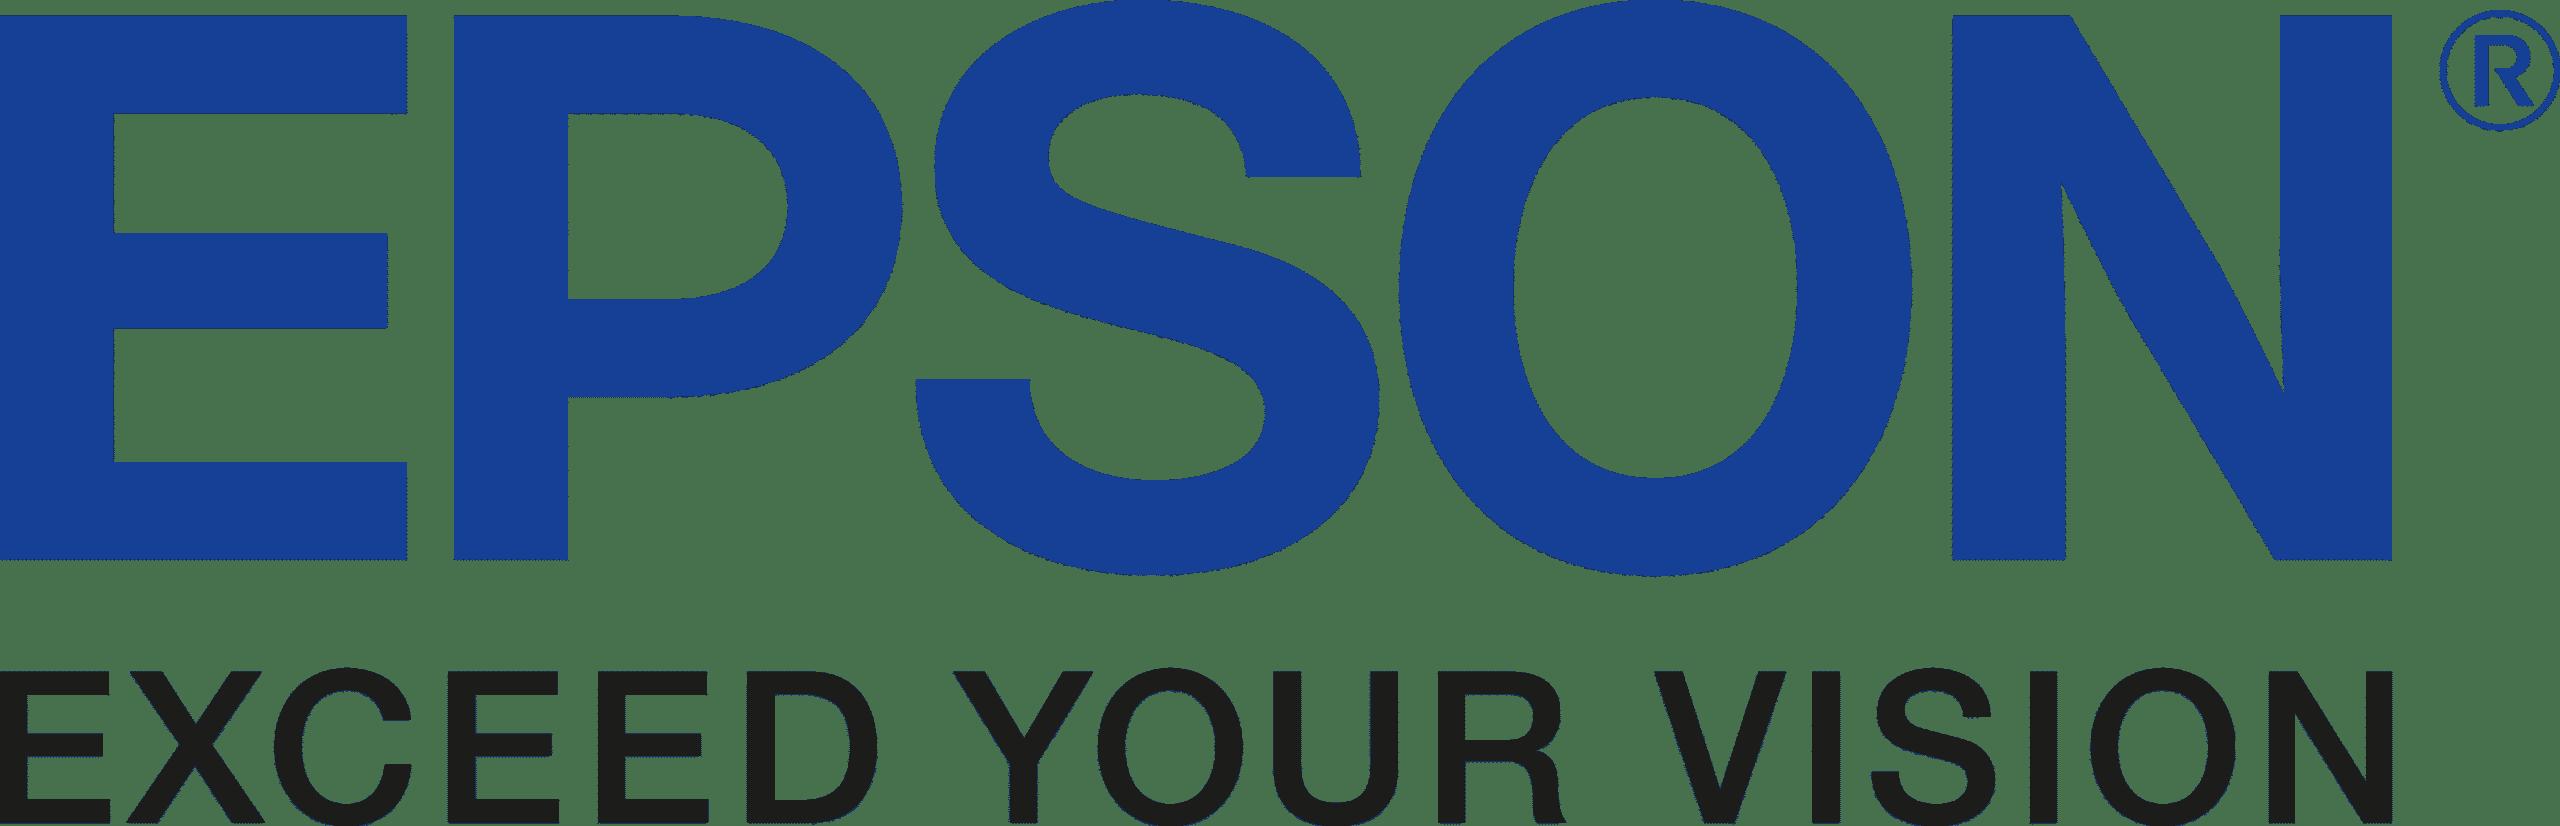 epson-logo-1-1